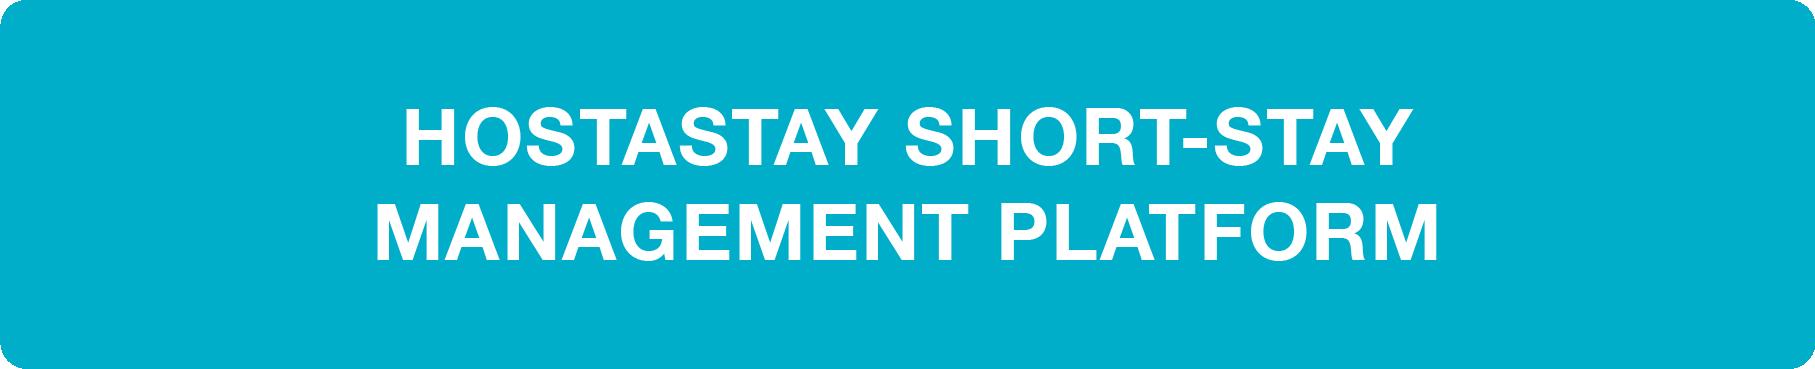 HostAStay Short-Stay Management Platform